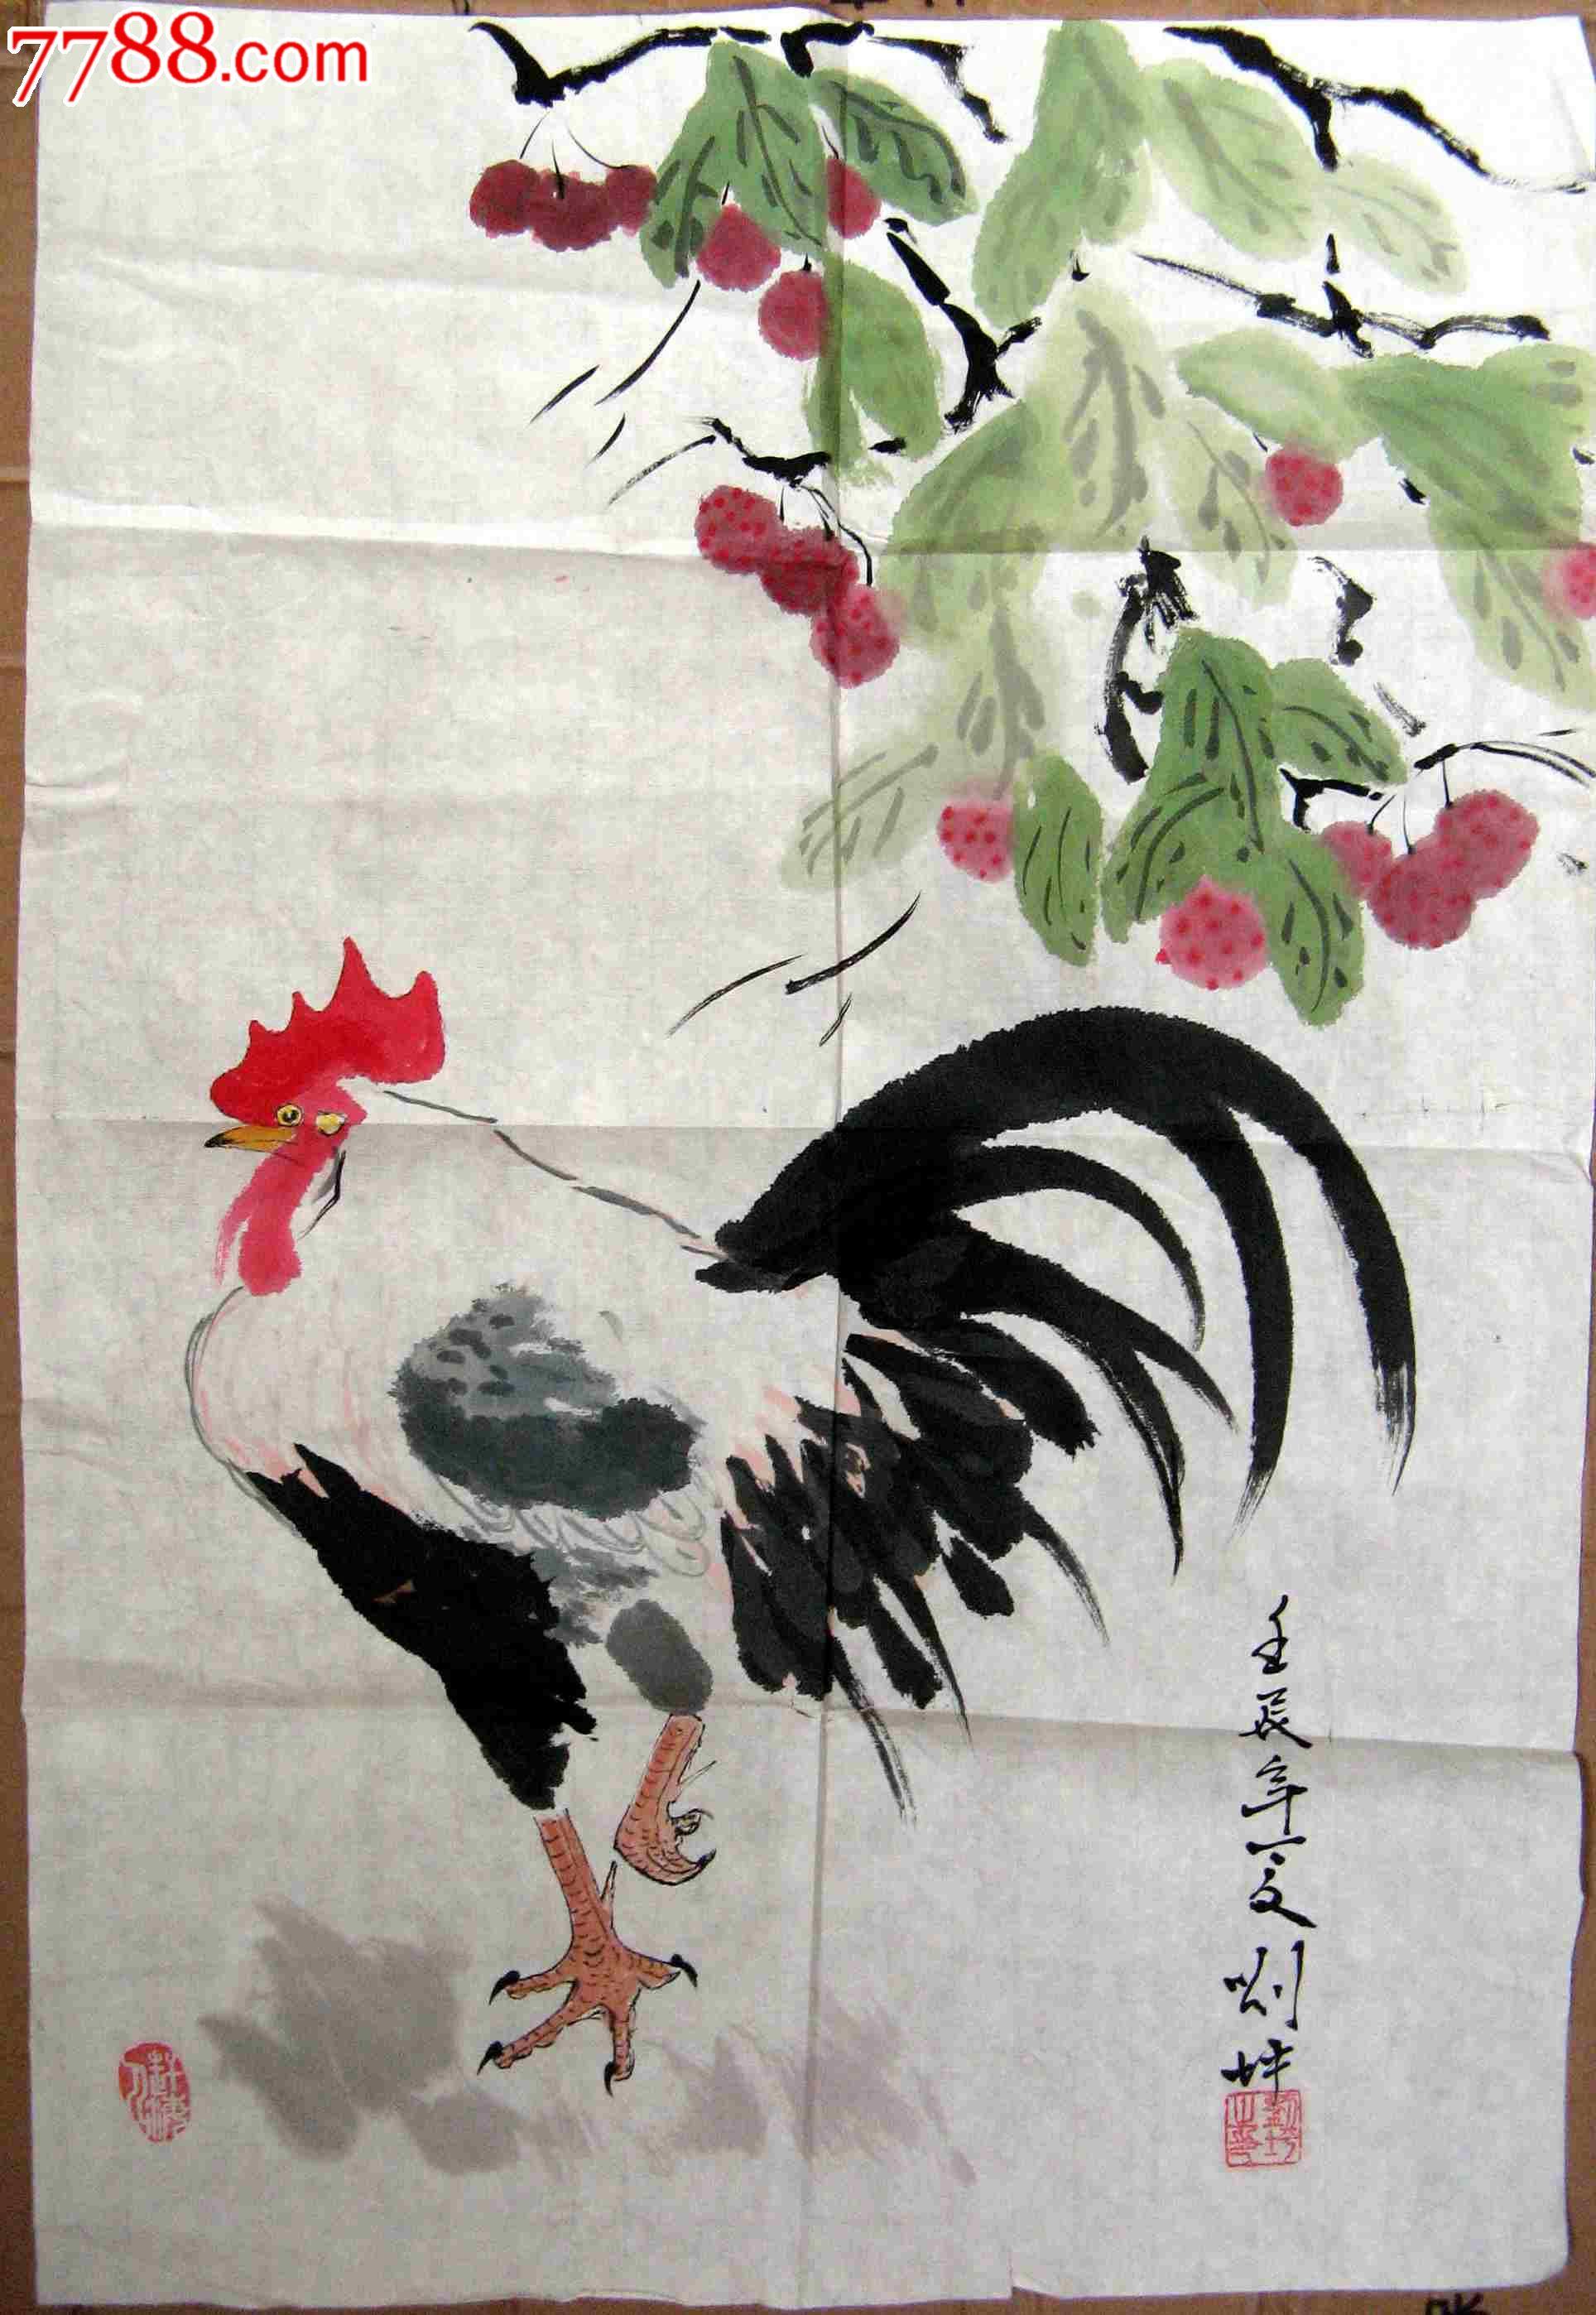 怎样画荔枝——国画写意荔枝画法; 不错的四尺开三条幅大鸡荔枝画